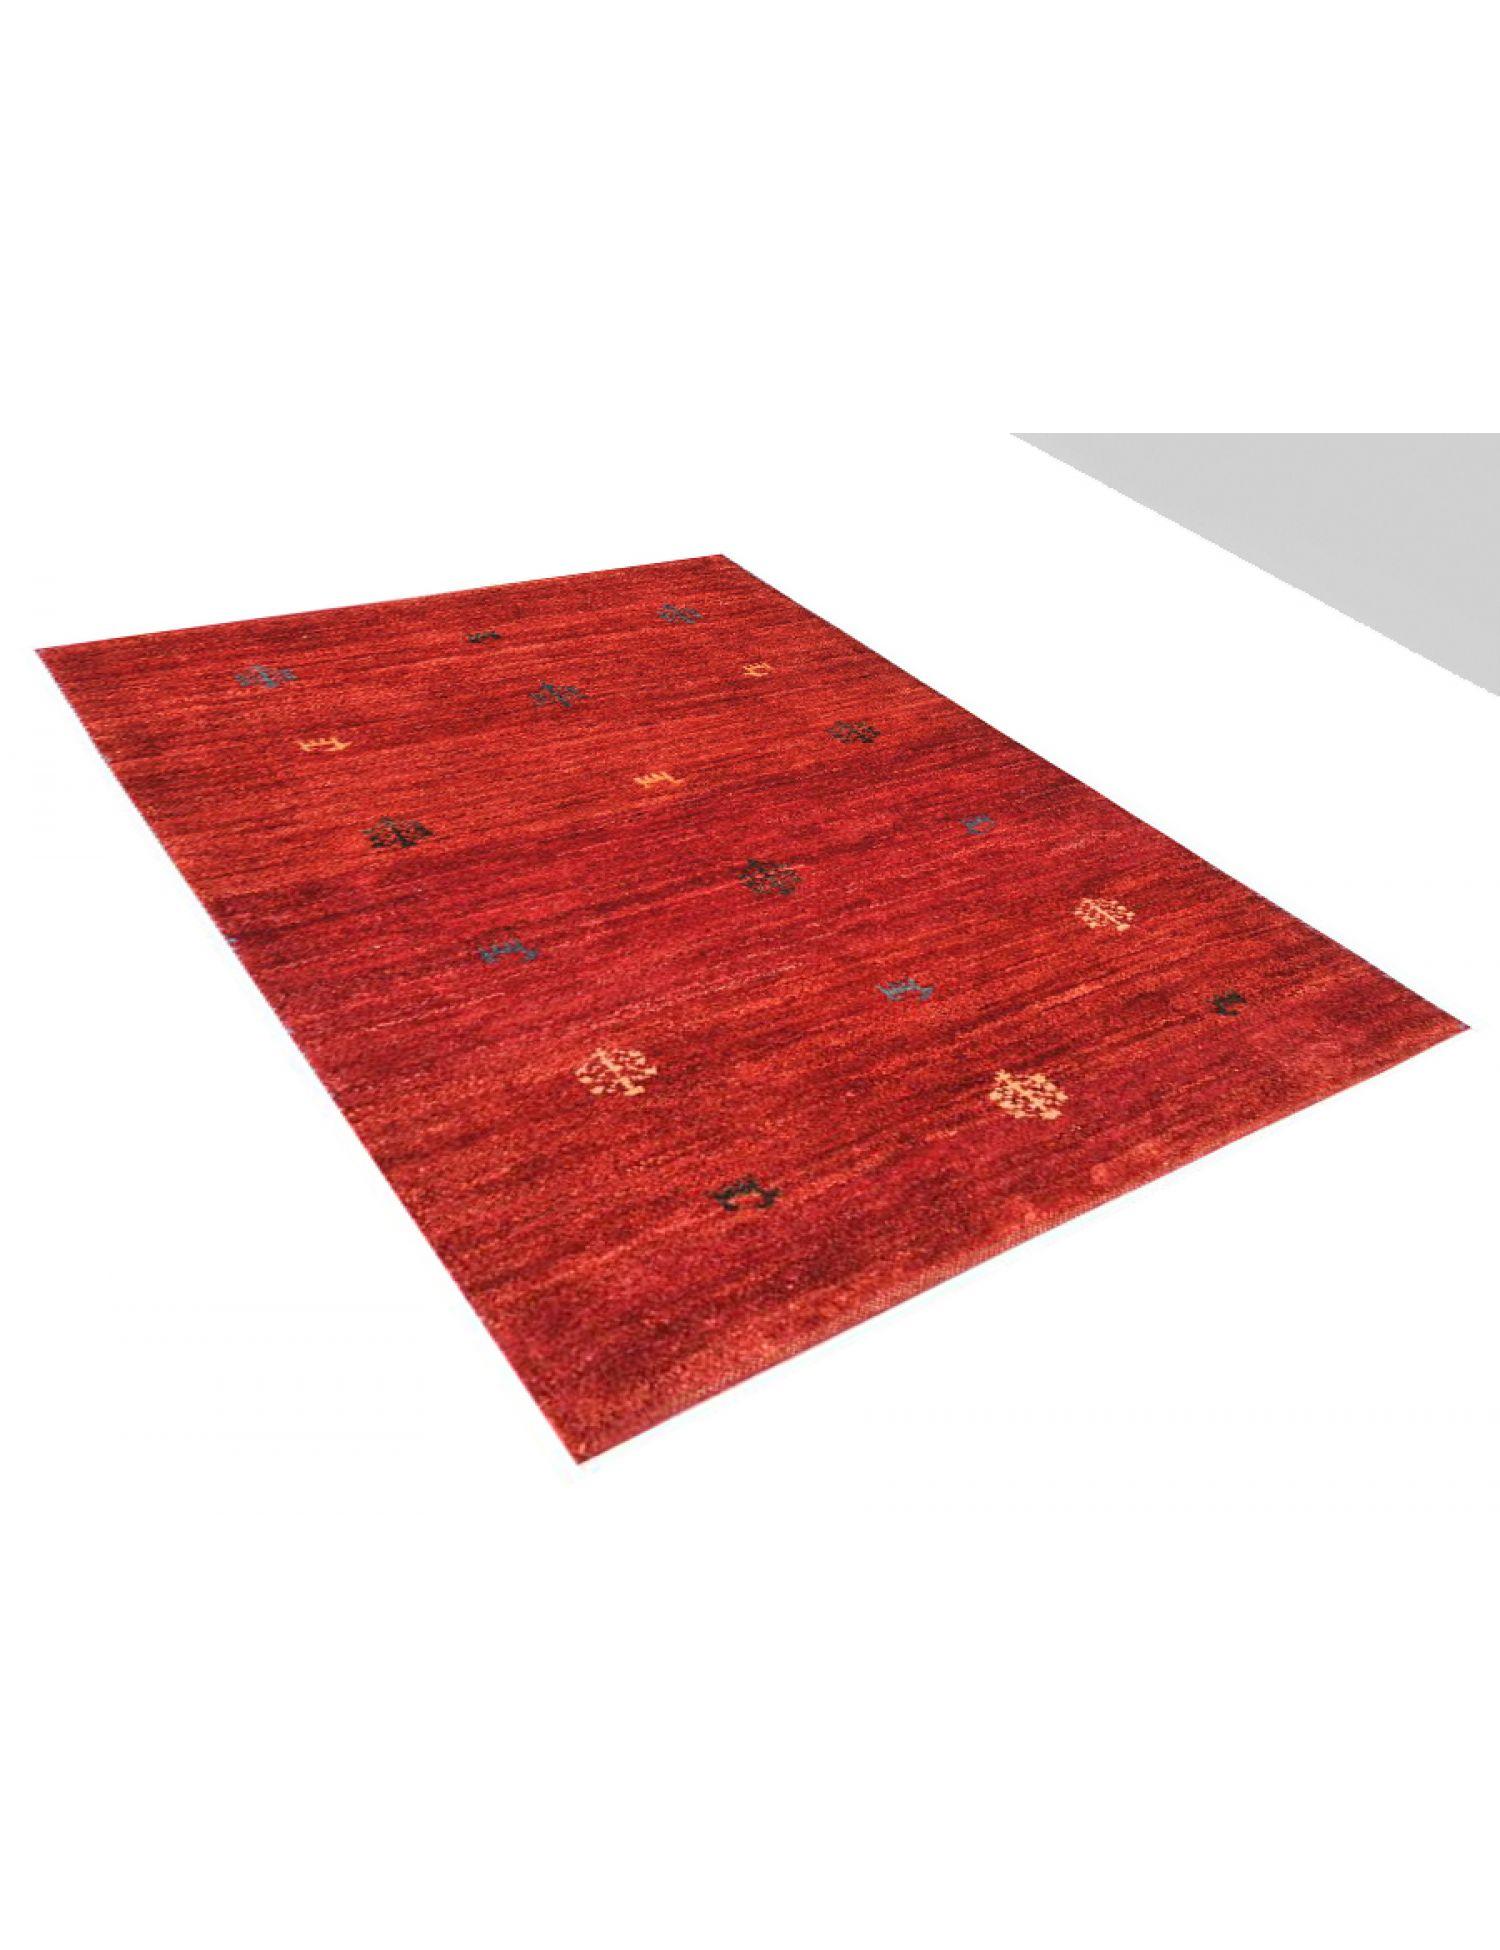 Moderne Teppiche   <br/>111 x 82 cm